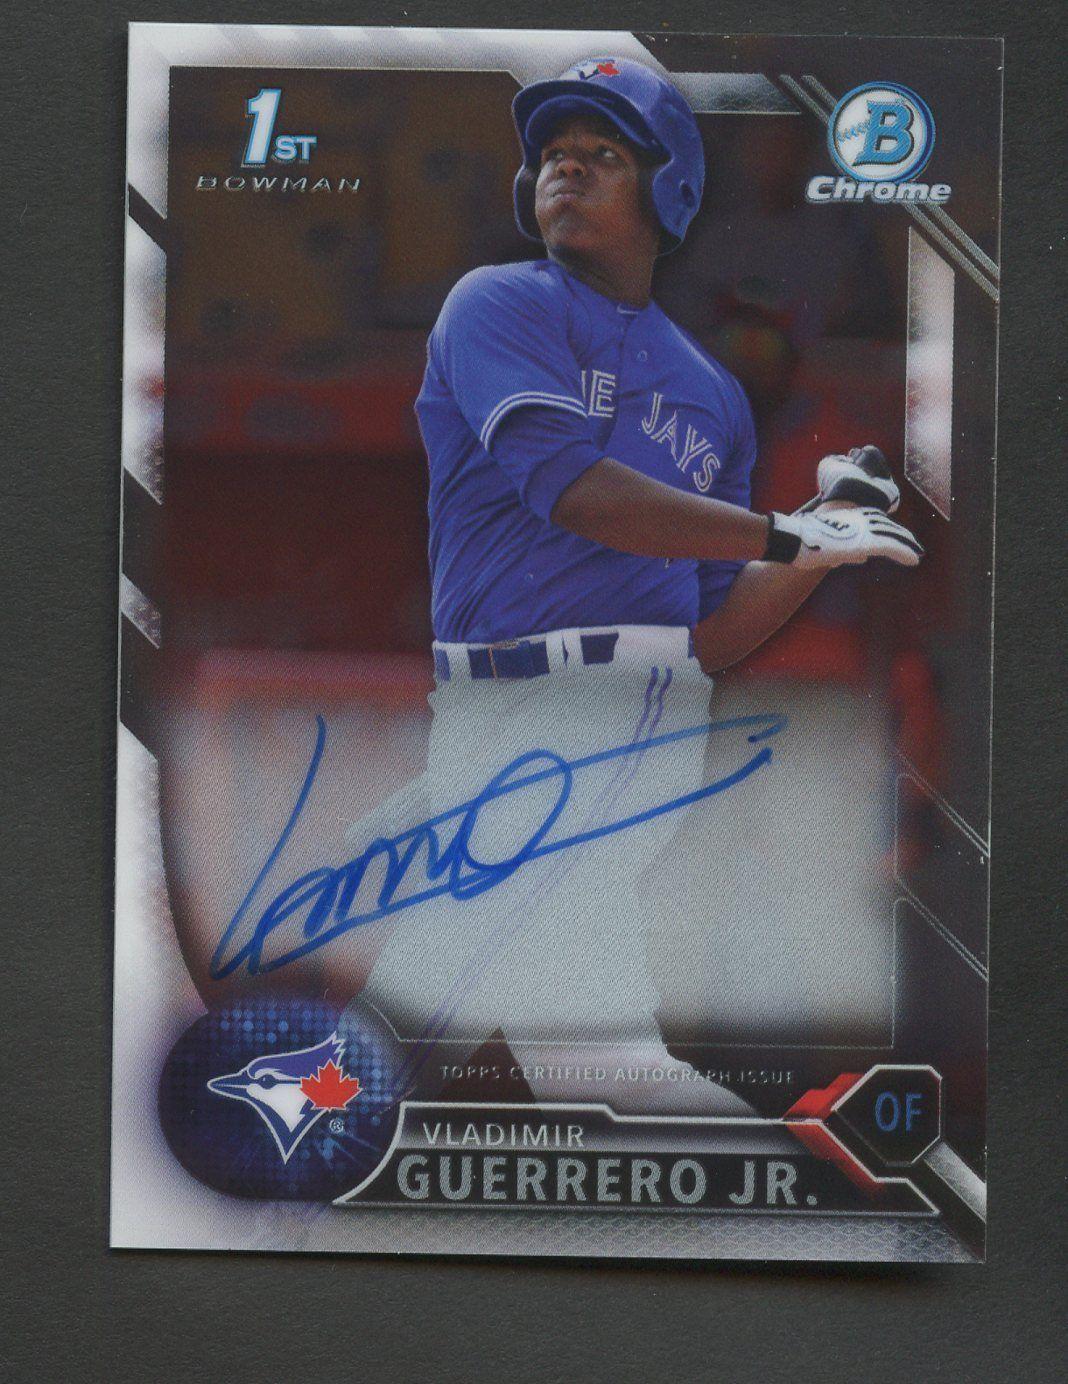 Vladimir Guerrero Jr 2016 Bowman Chrome Prospects Autograph